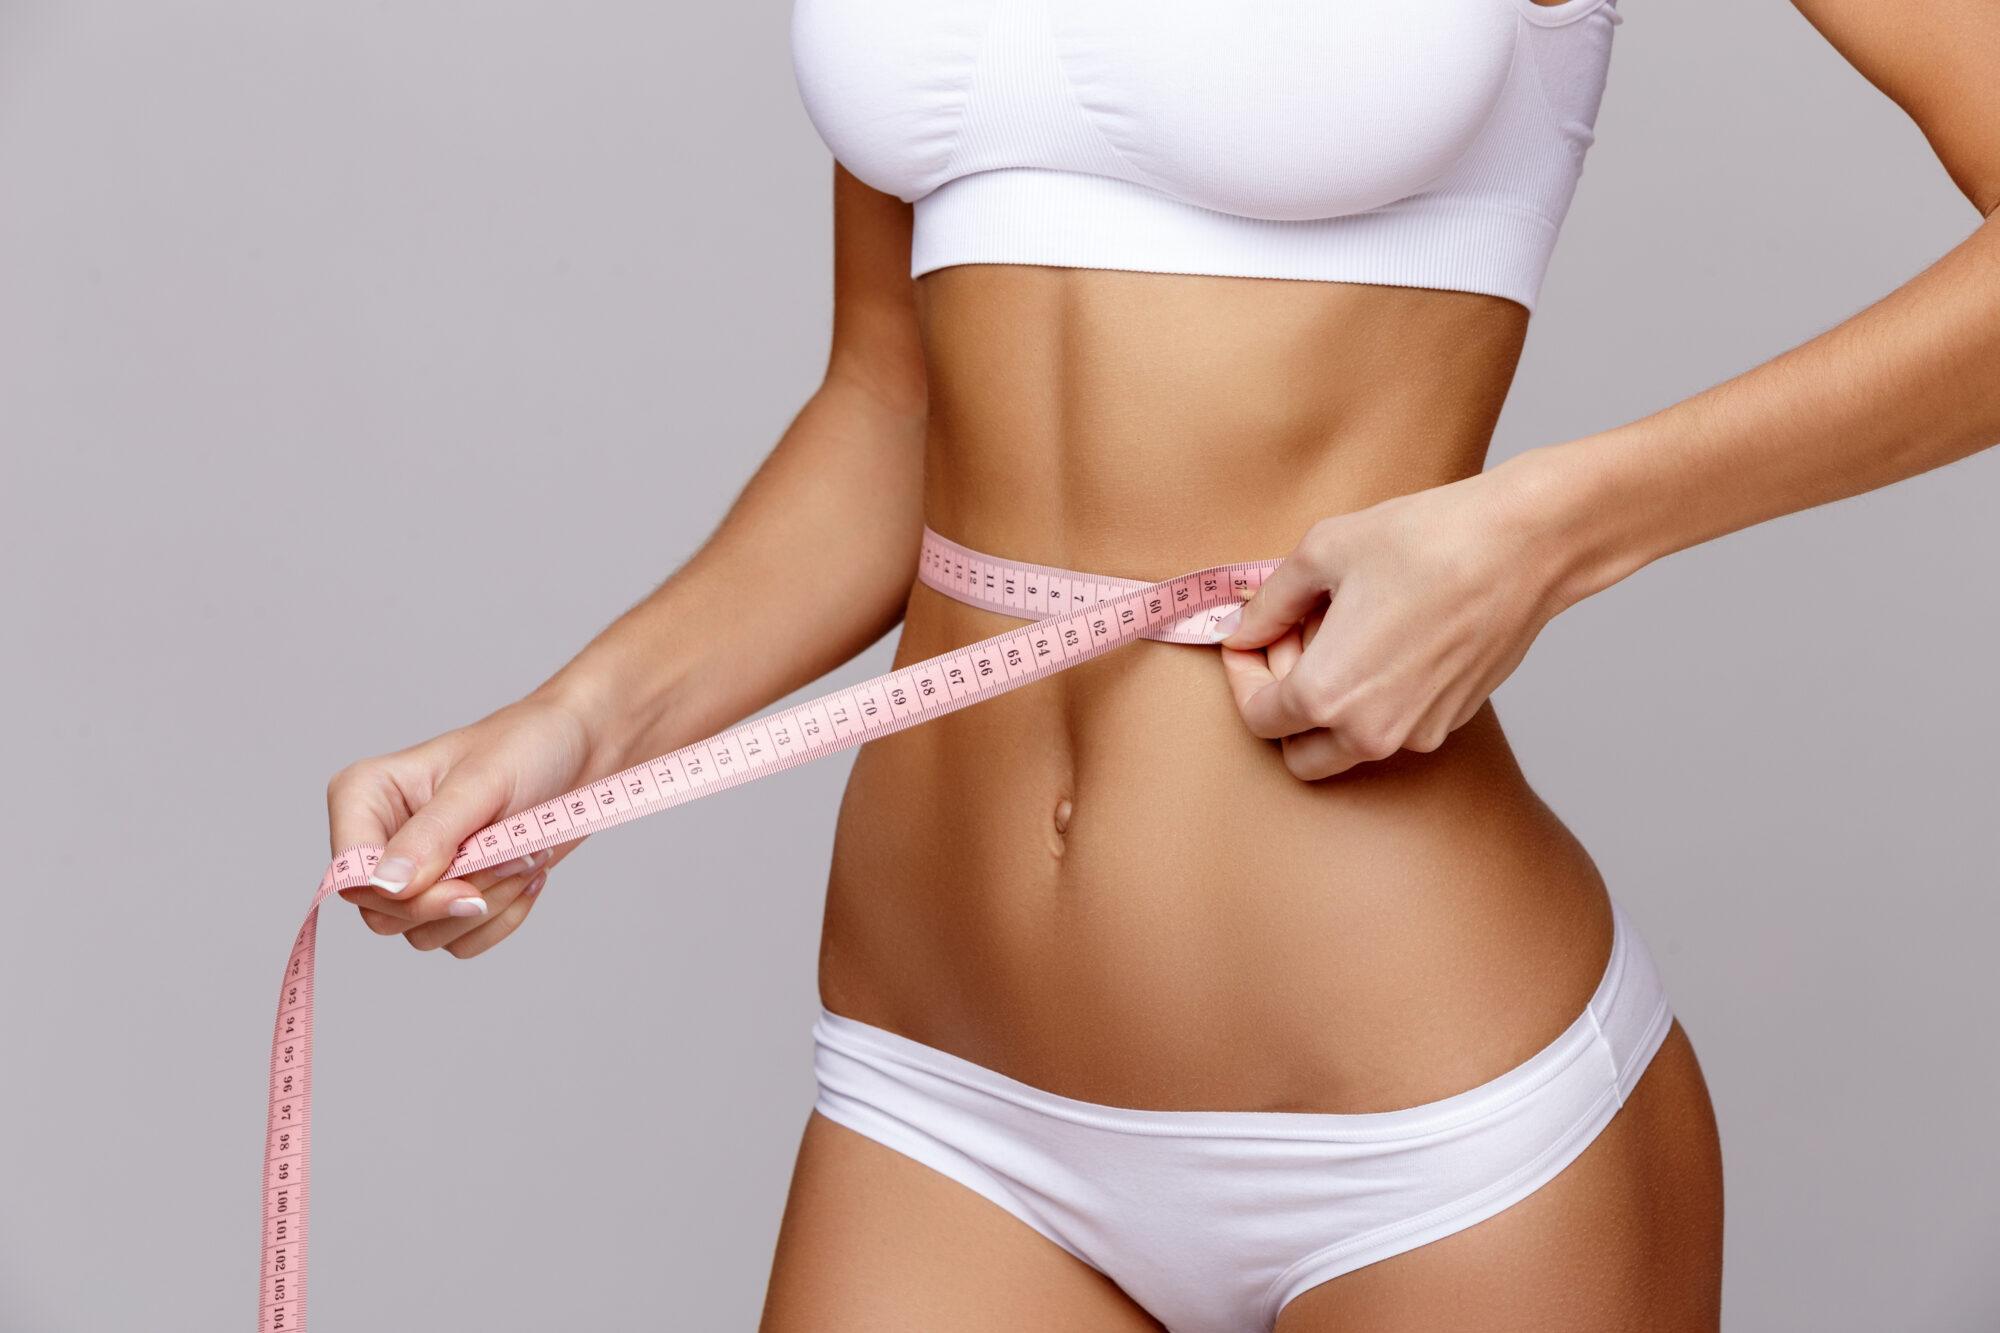 scădere în greutate fără tuse la apetit pierderea de grăsimi în masă